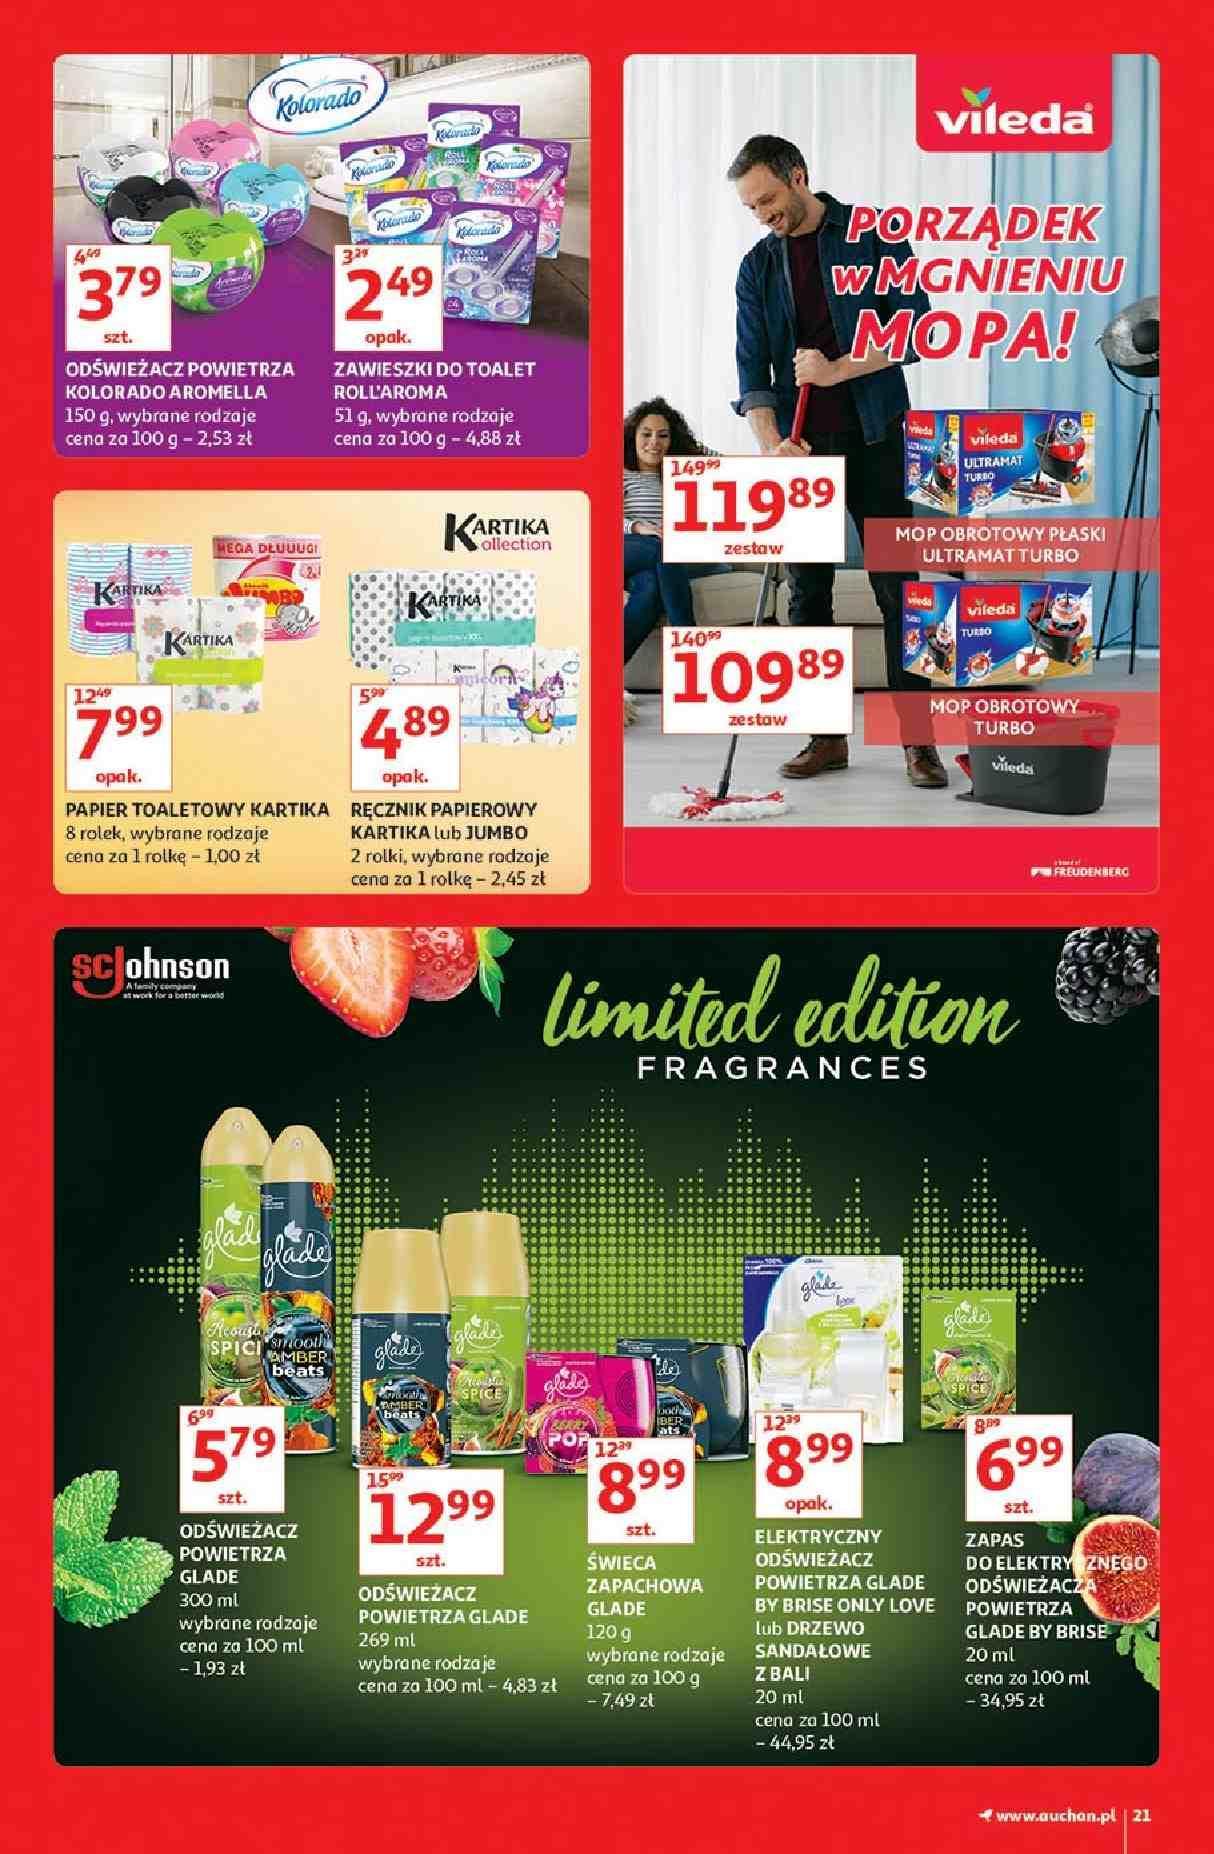 Gazetka promocyjna Auchan do 13/03/2019 str.21